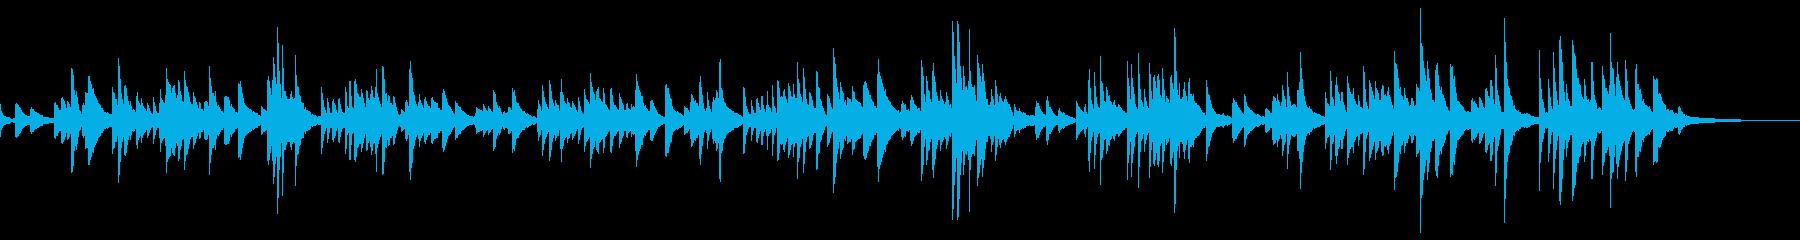 空間の広がりを意識して音作りしましたの再生済みの波形